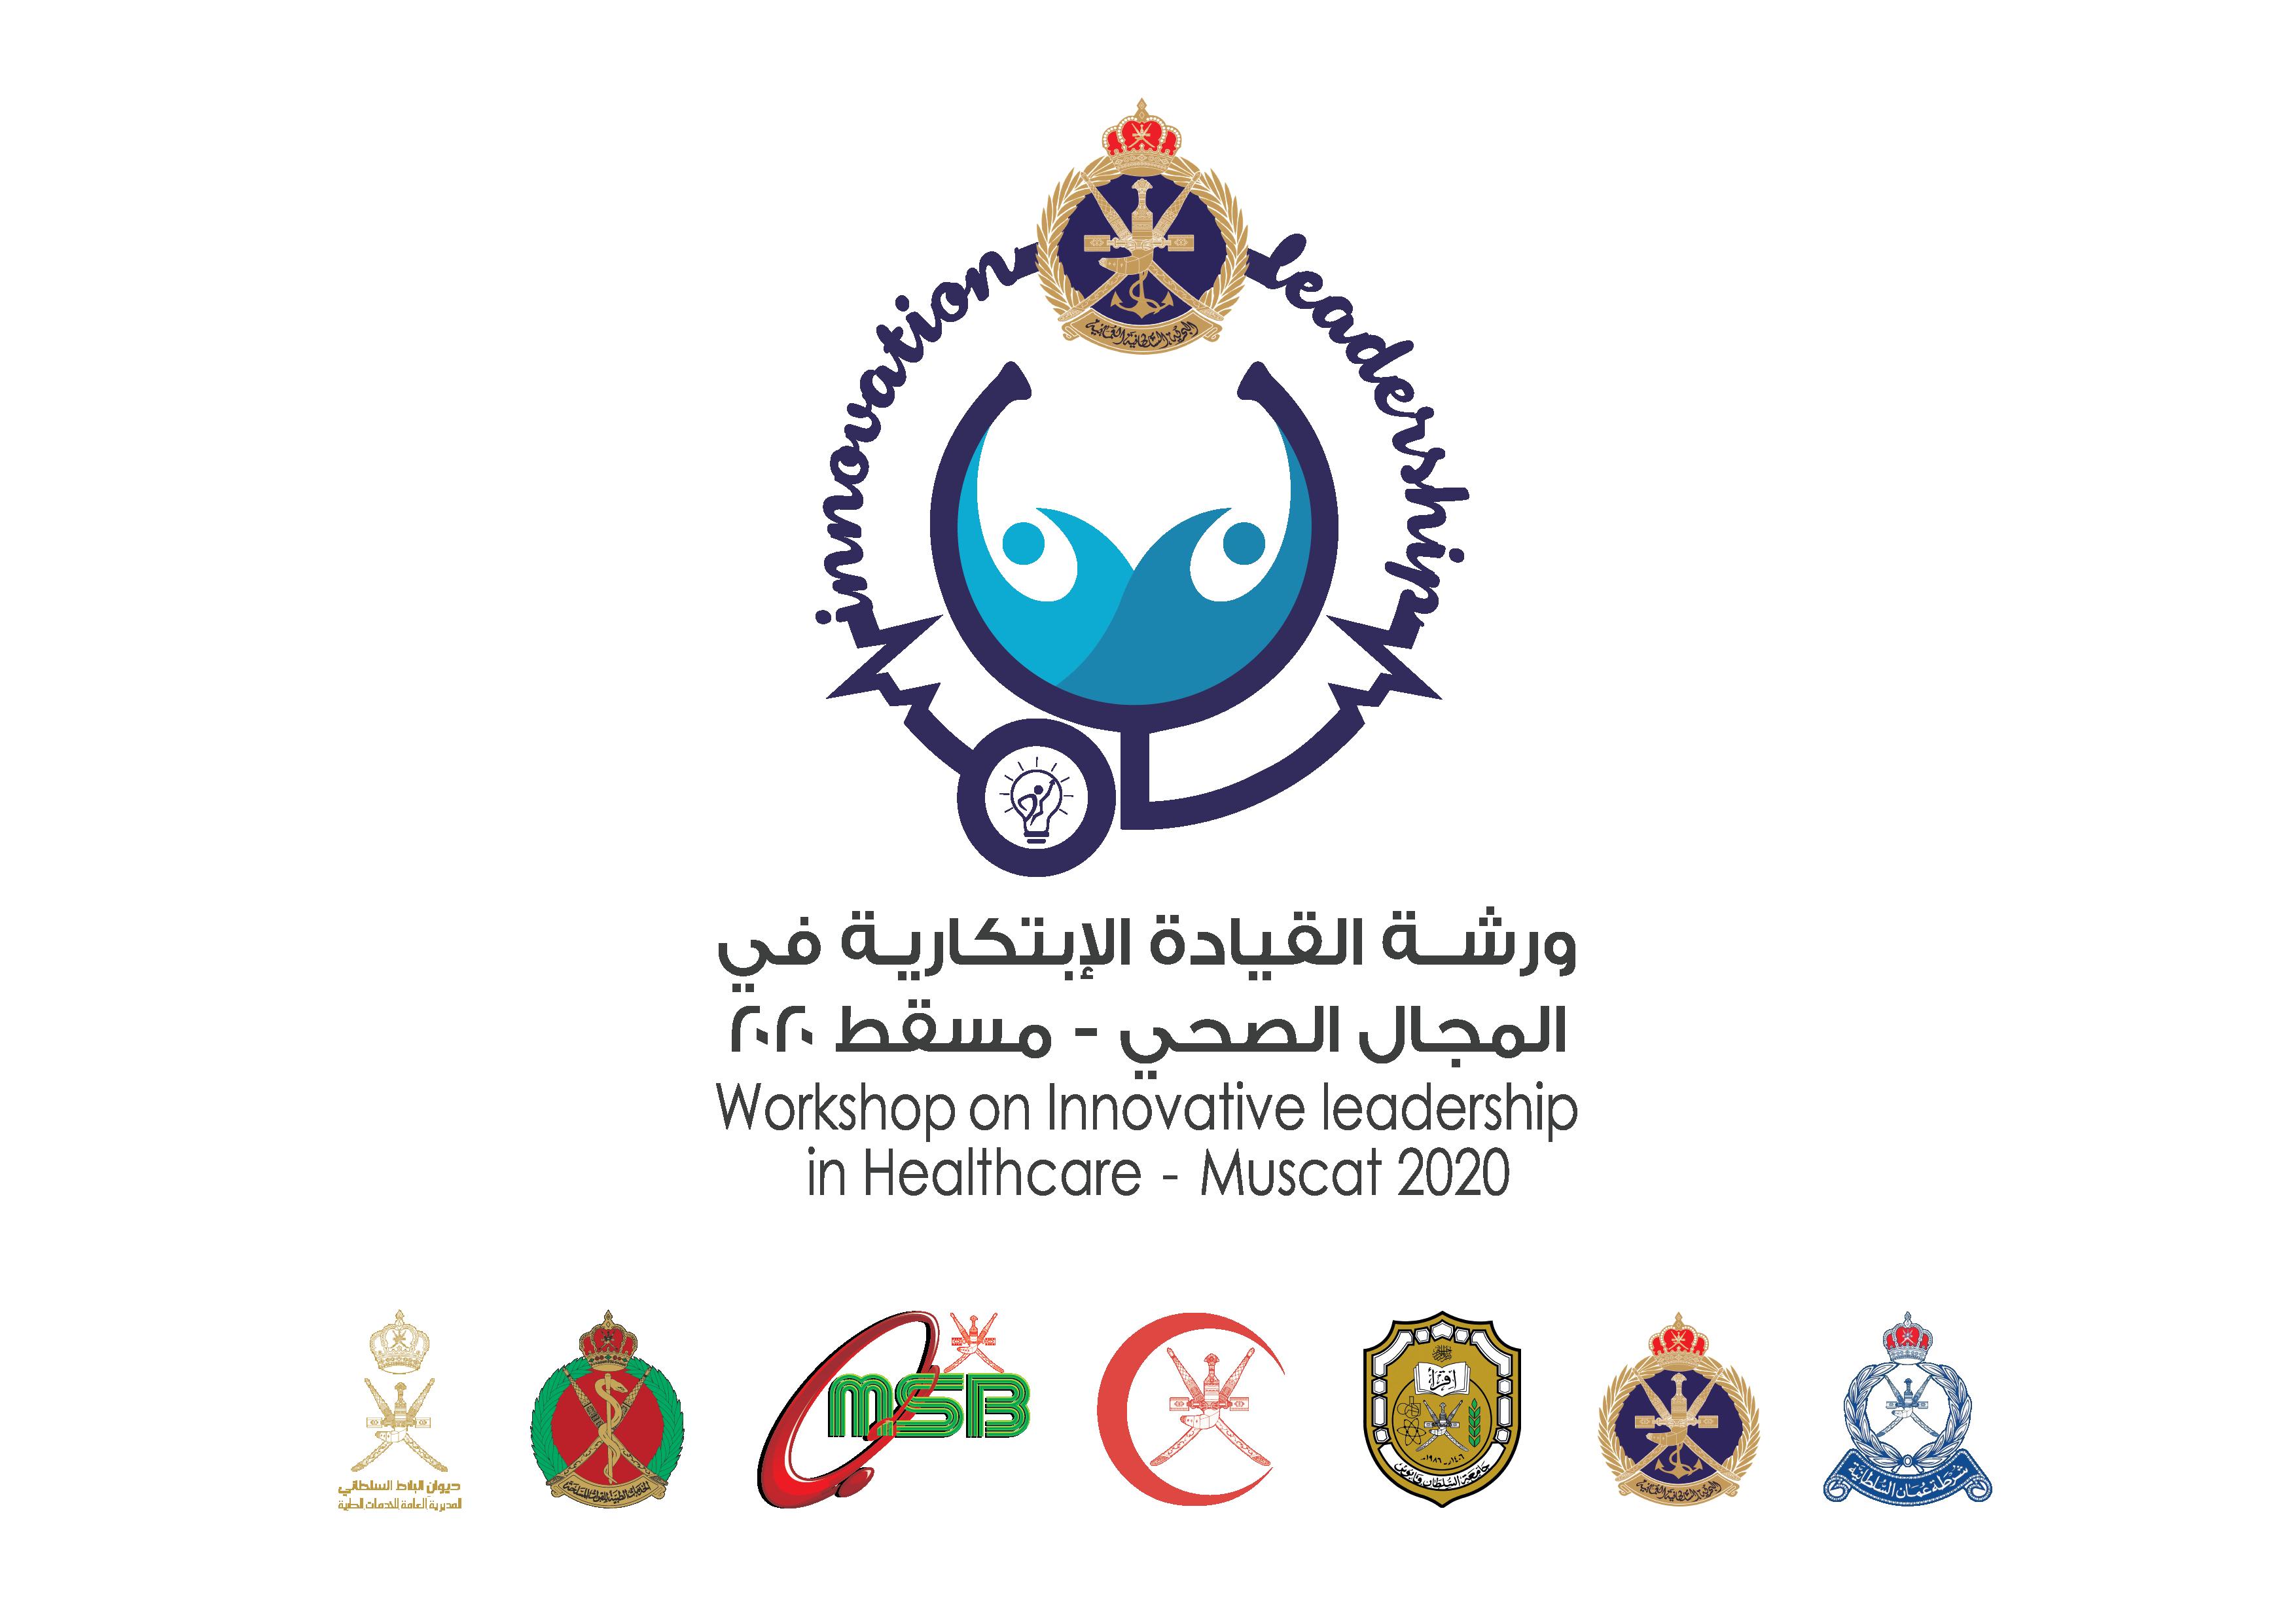 """البحرية السلطانية تنظم """"ورشة القيادة الابتكارية"""" في المجال الصحي"""